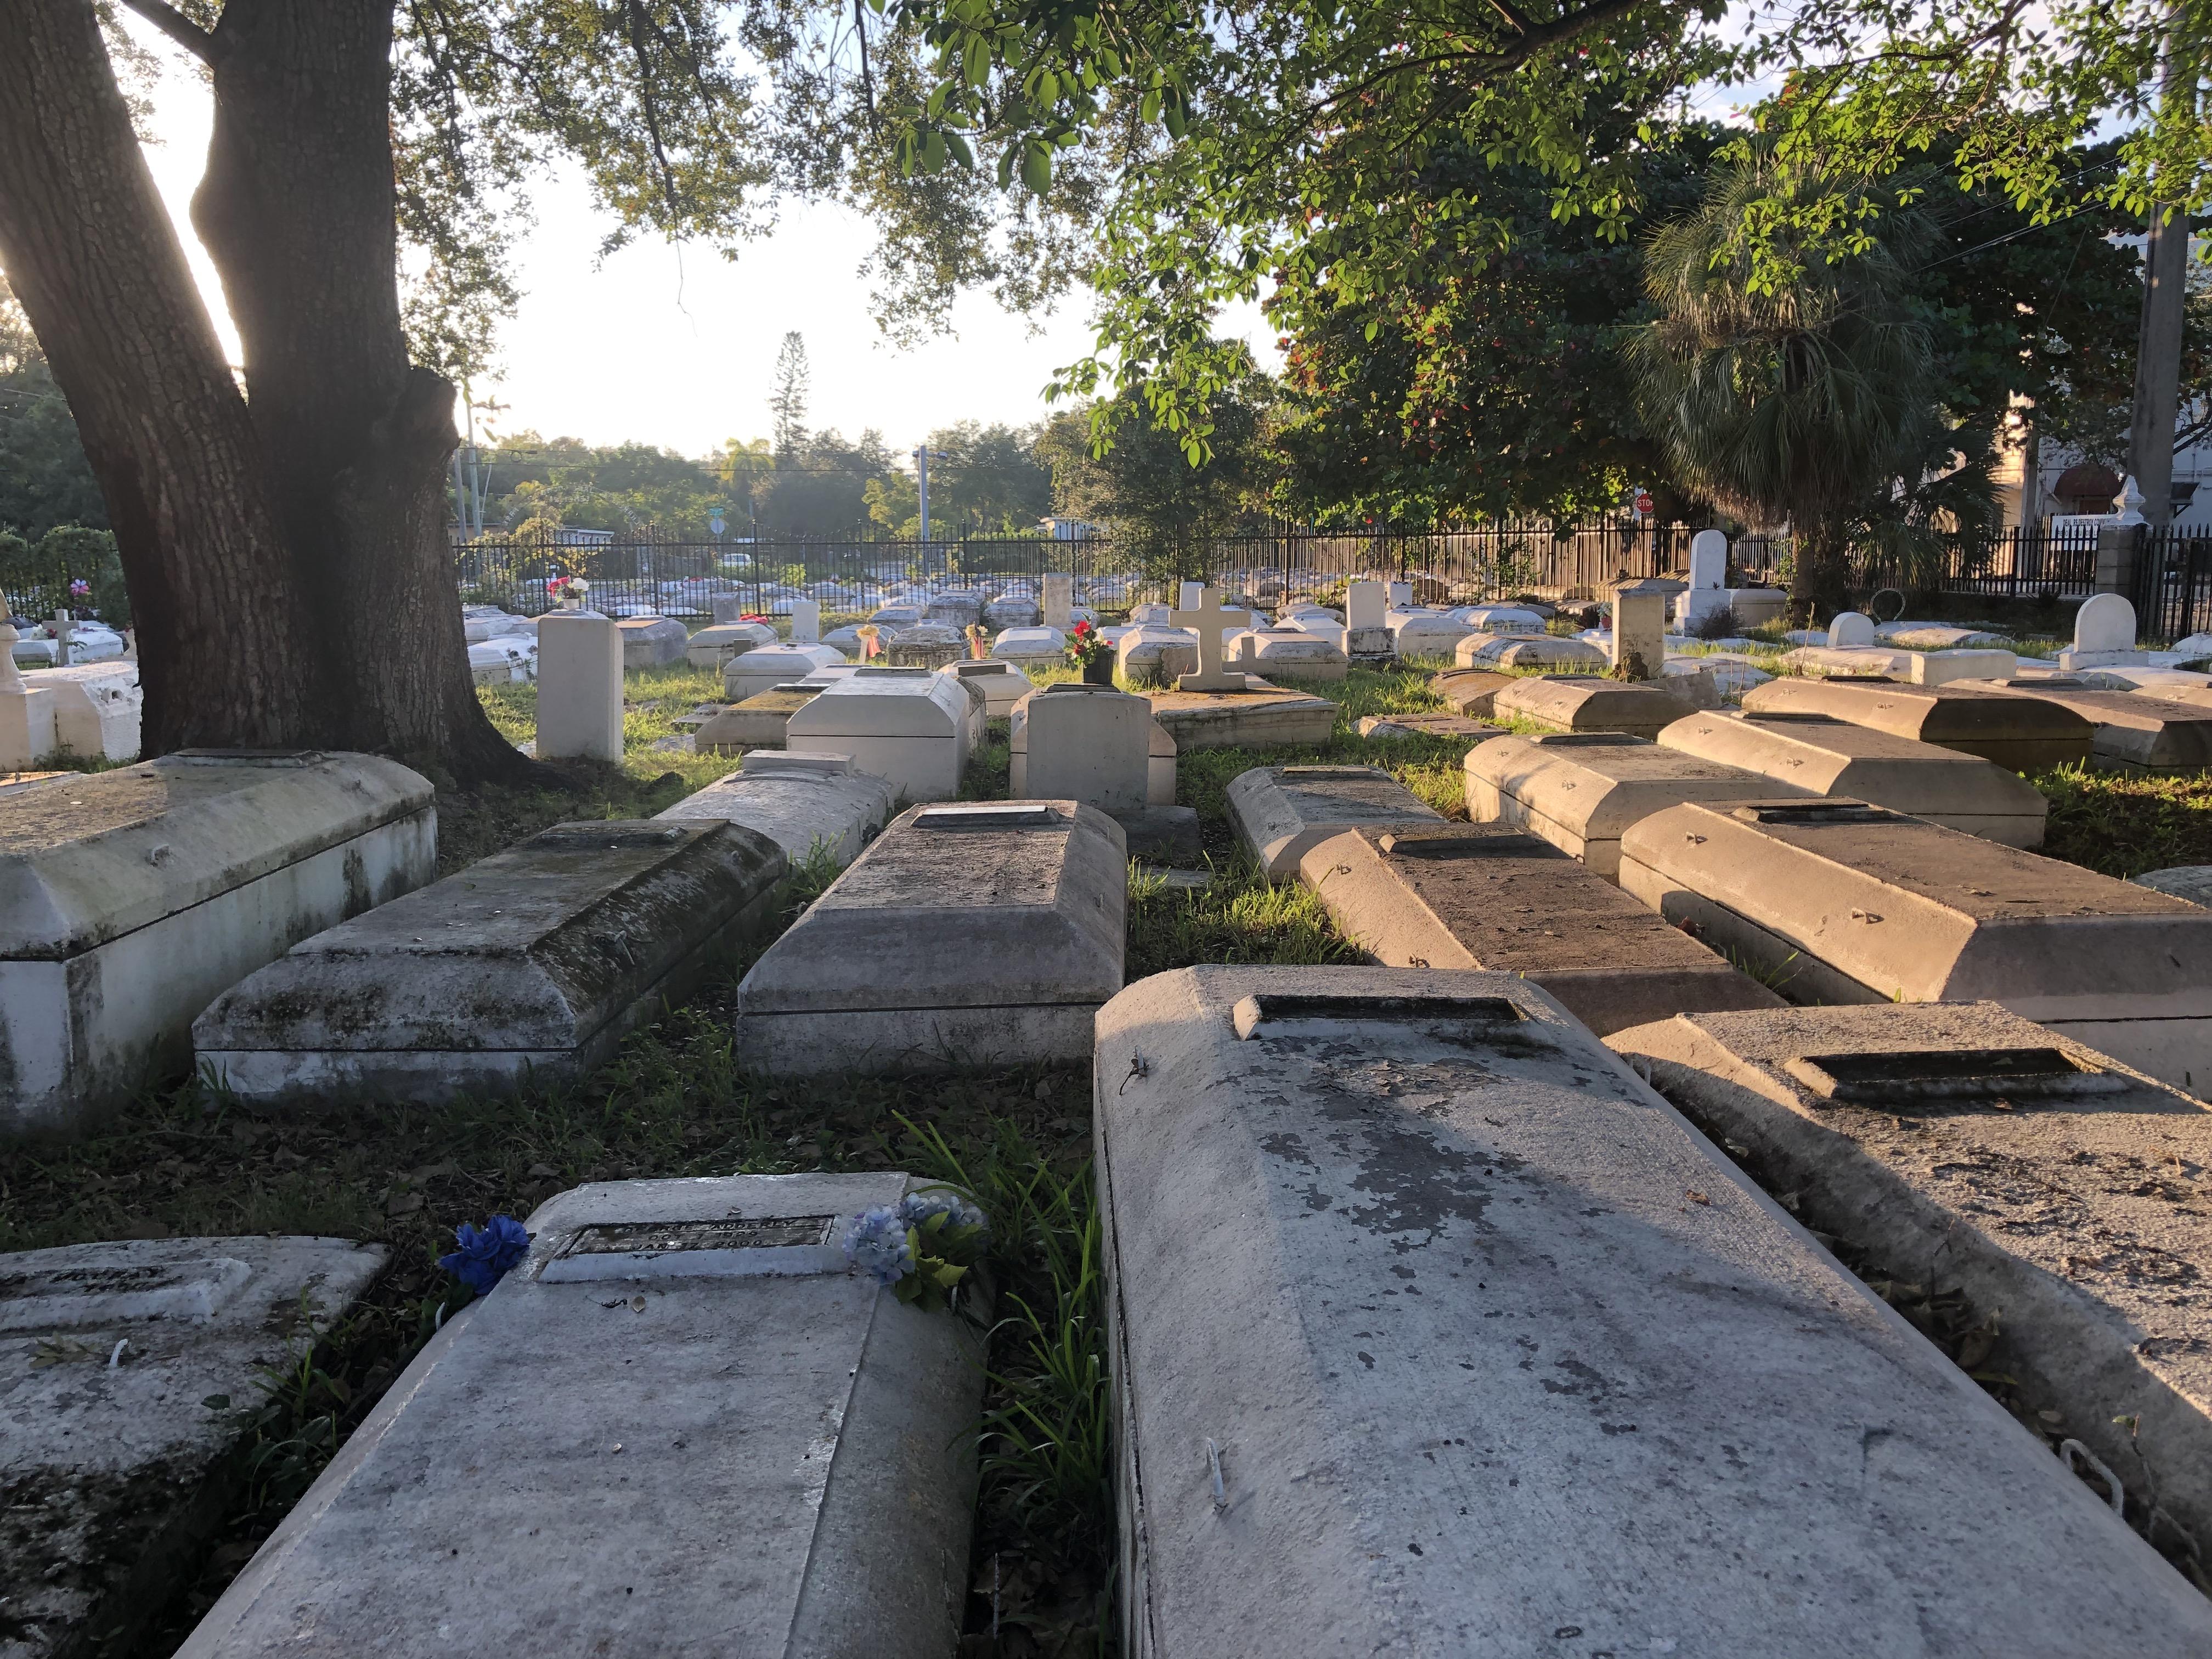 Charlotte Jane Memorial Park Cemetery